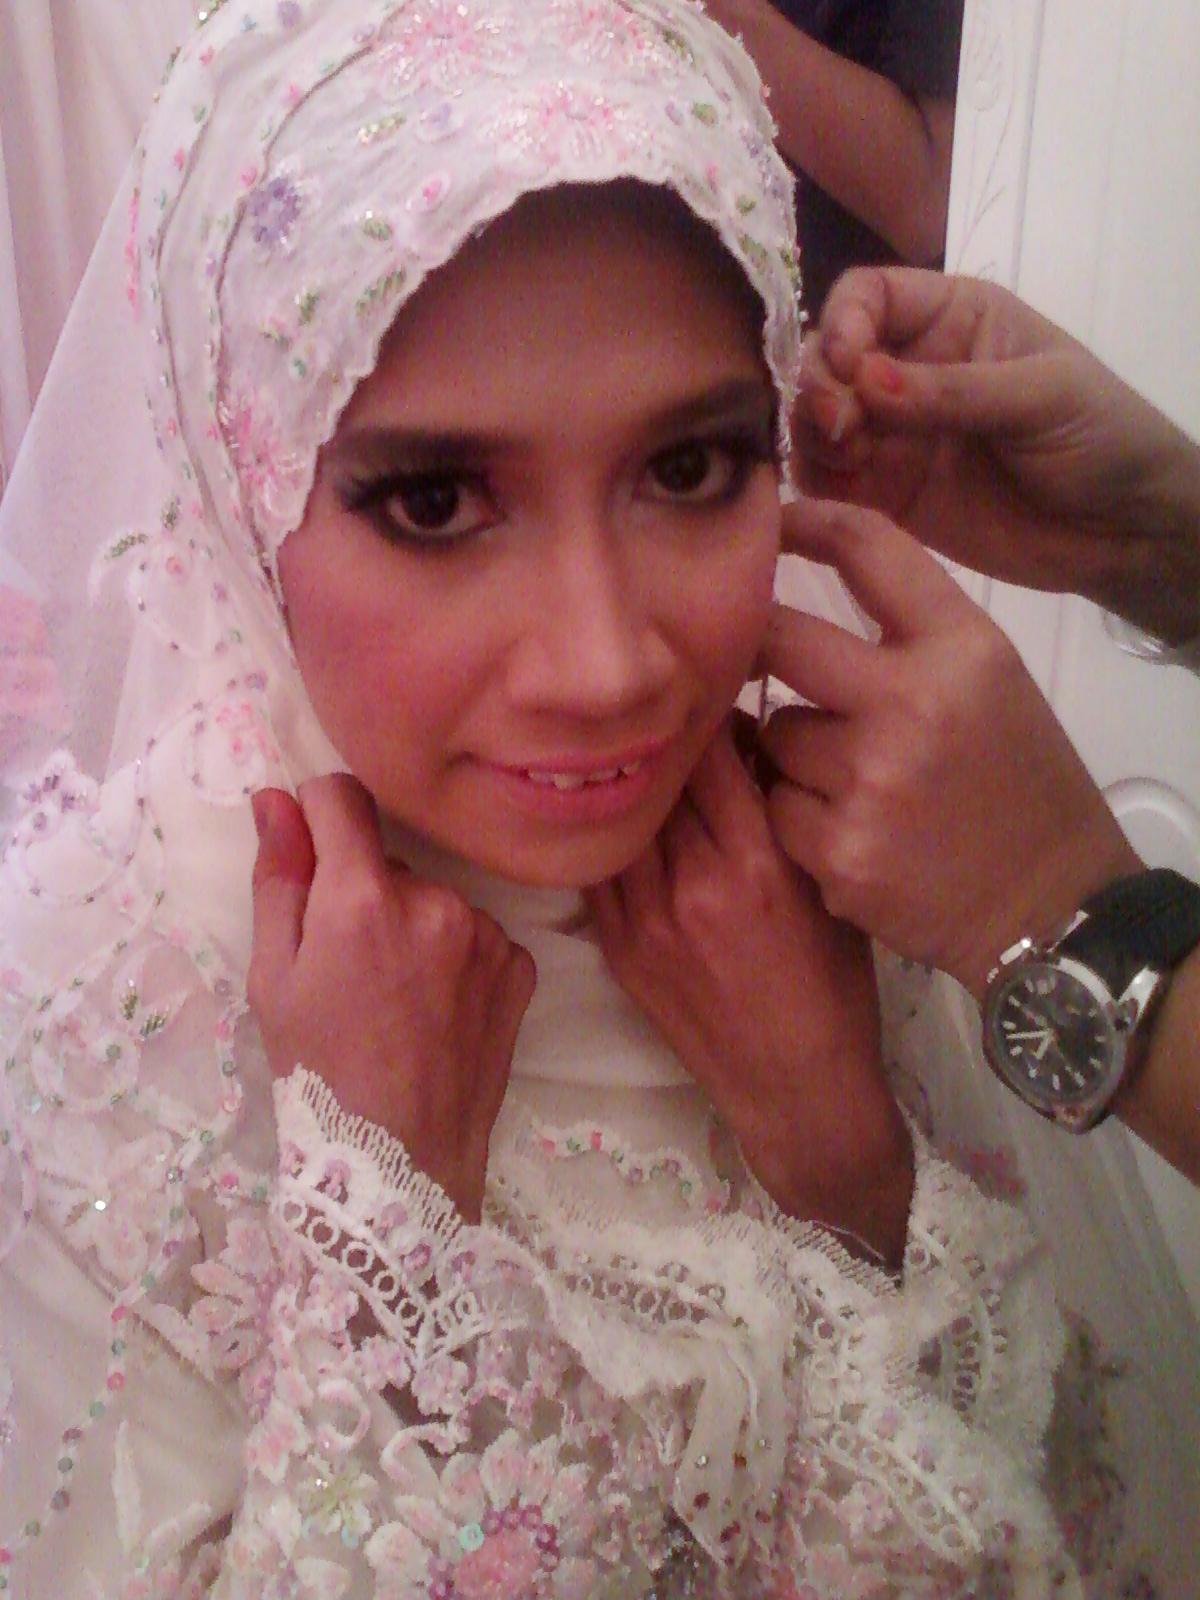 http://4.bp.blogspot.com/_ejiwn78Iz40/TKARrlCZM5I/AAAAAAAACaY/m7PtJ2EpJNU/s1600/Photo0125.jpg